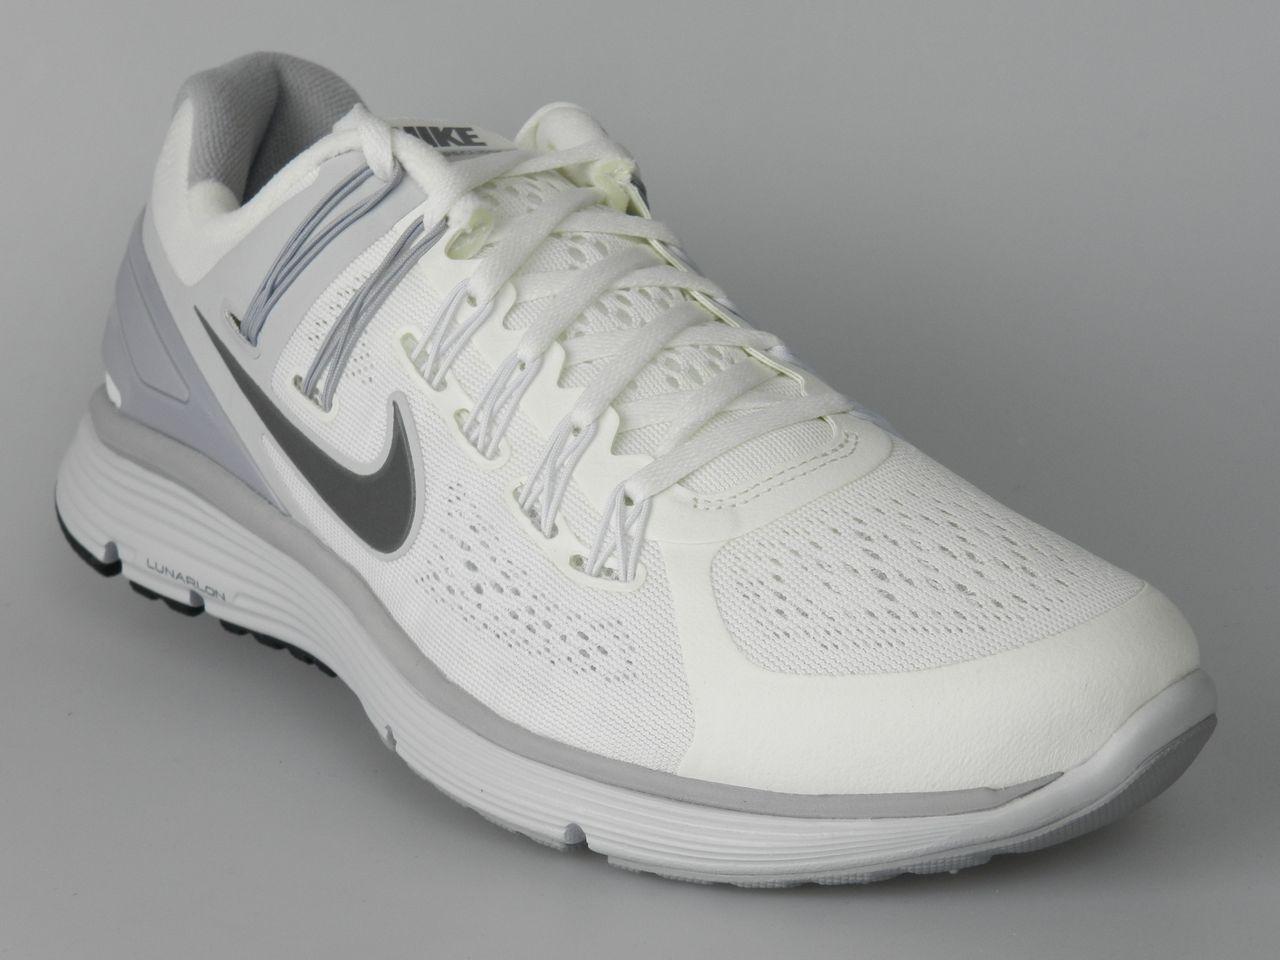 Nike Lunareclipse 3 Womens Shoe Nike Lunar Eclipse 2 Womens